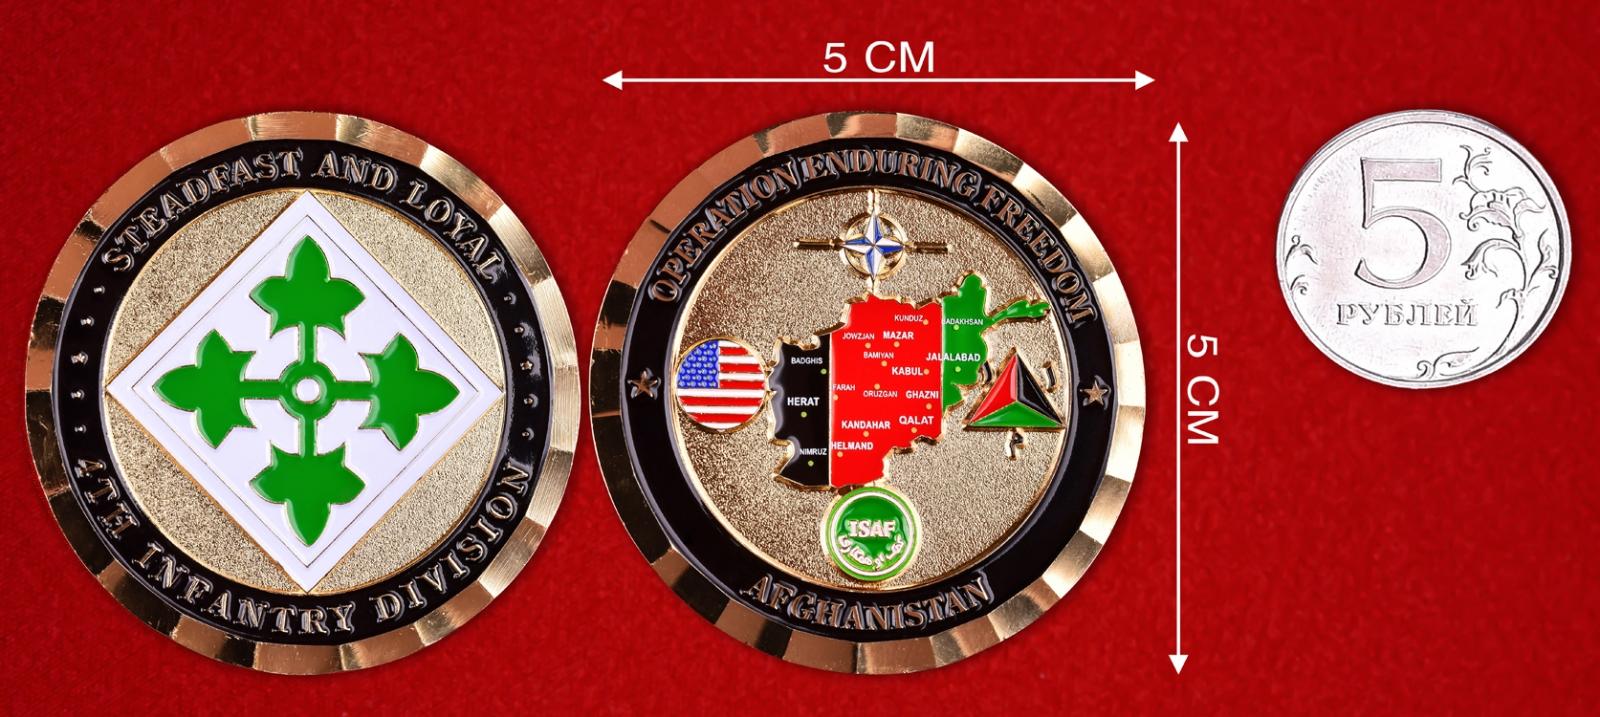 Эмблема отличия армии США 4-й пехотной дивизии